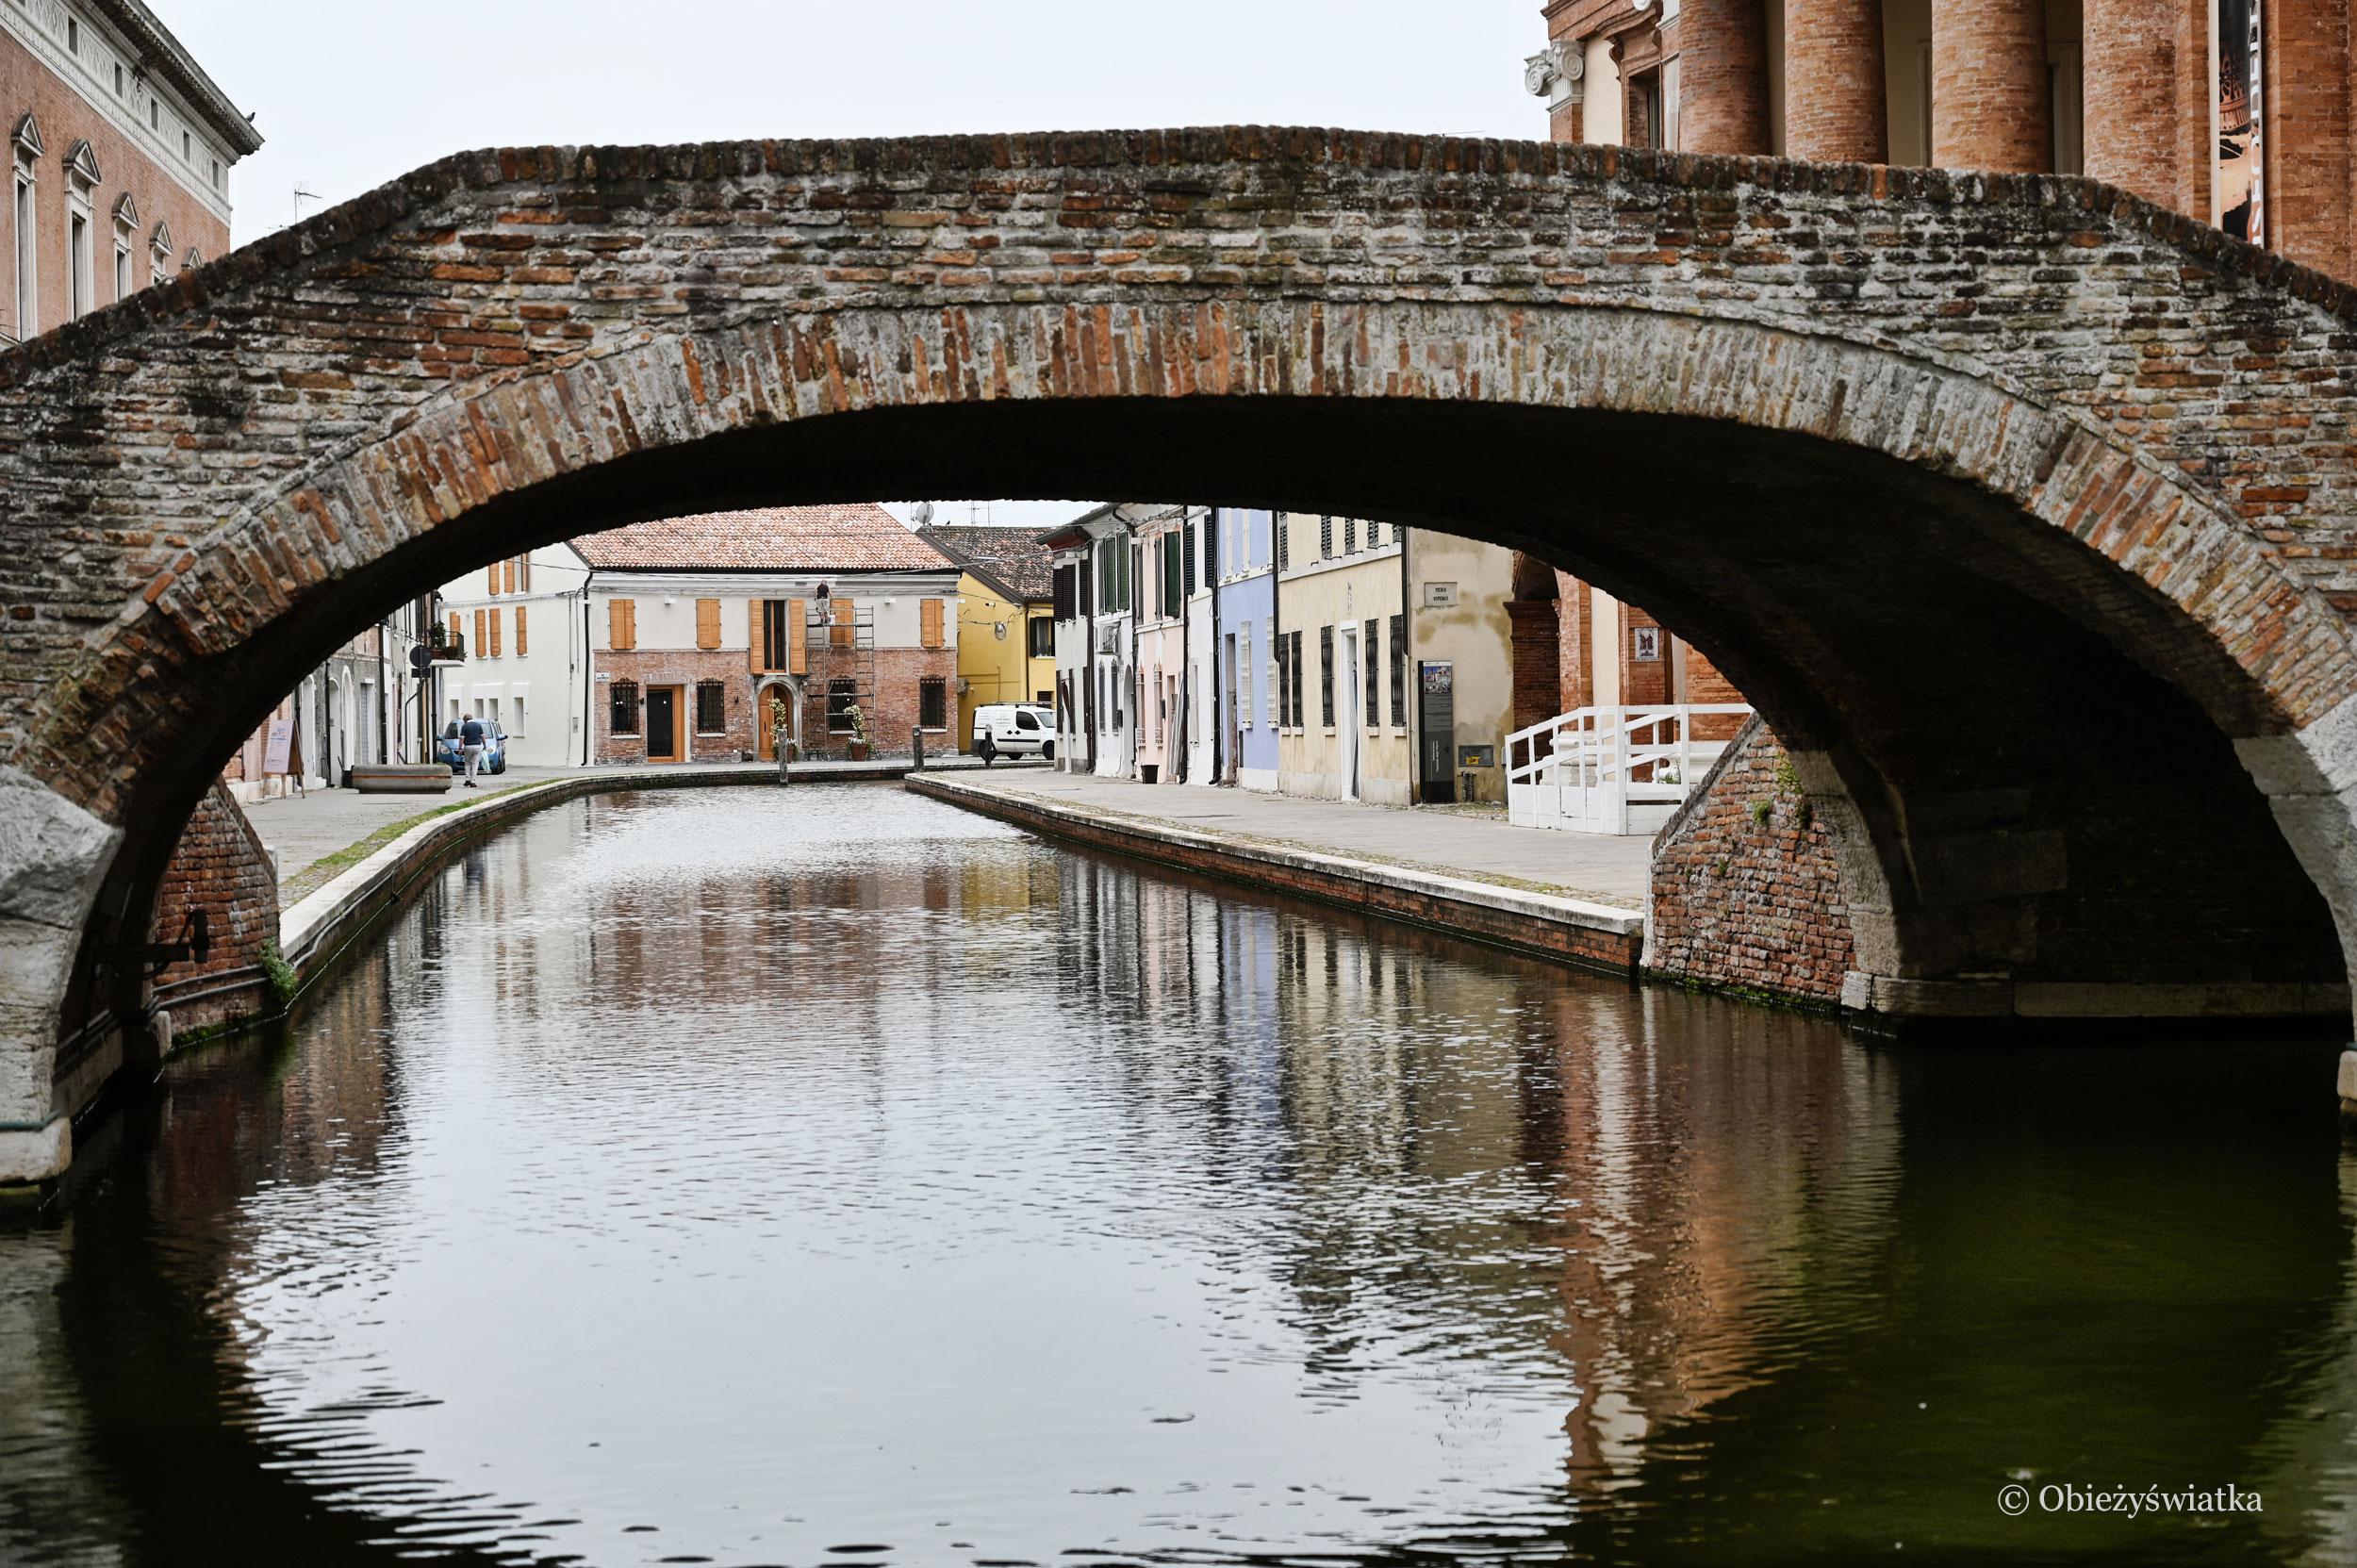 Comacchio - Ponte degli Sbirri